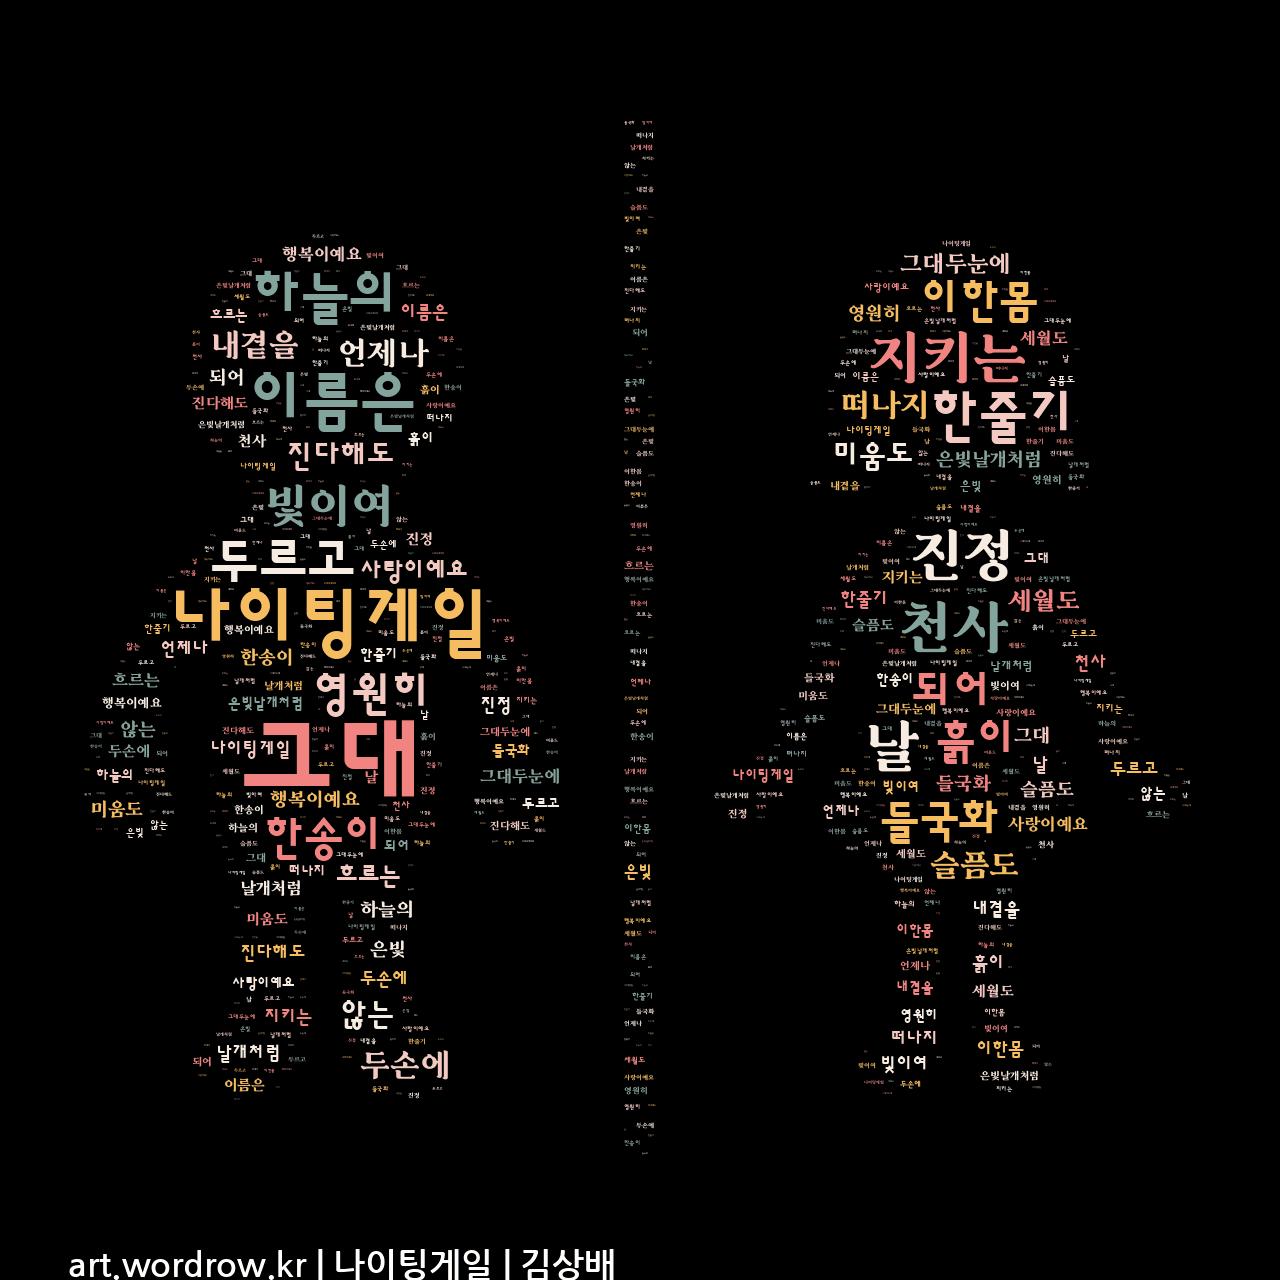 워드 클라우드: 나이팅게일 [김상배]-59